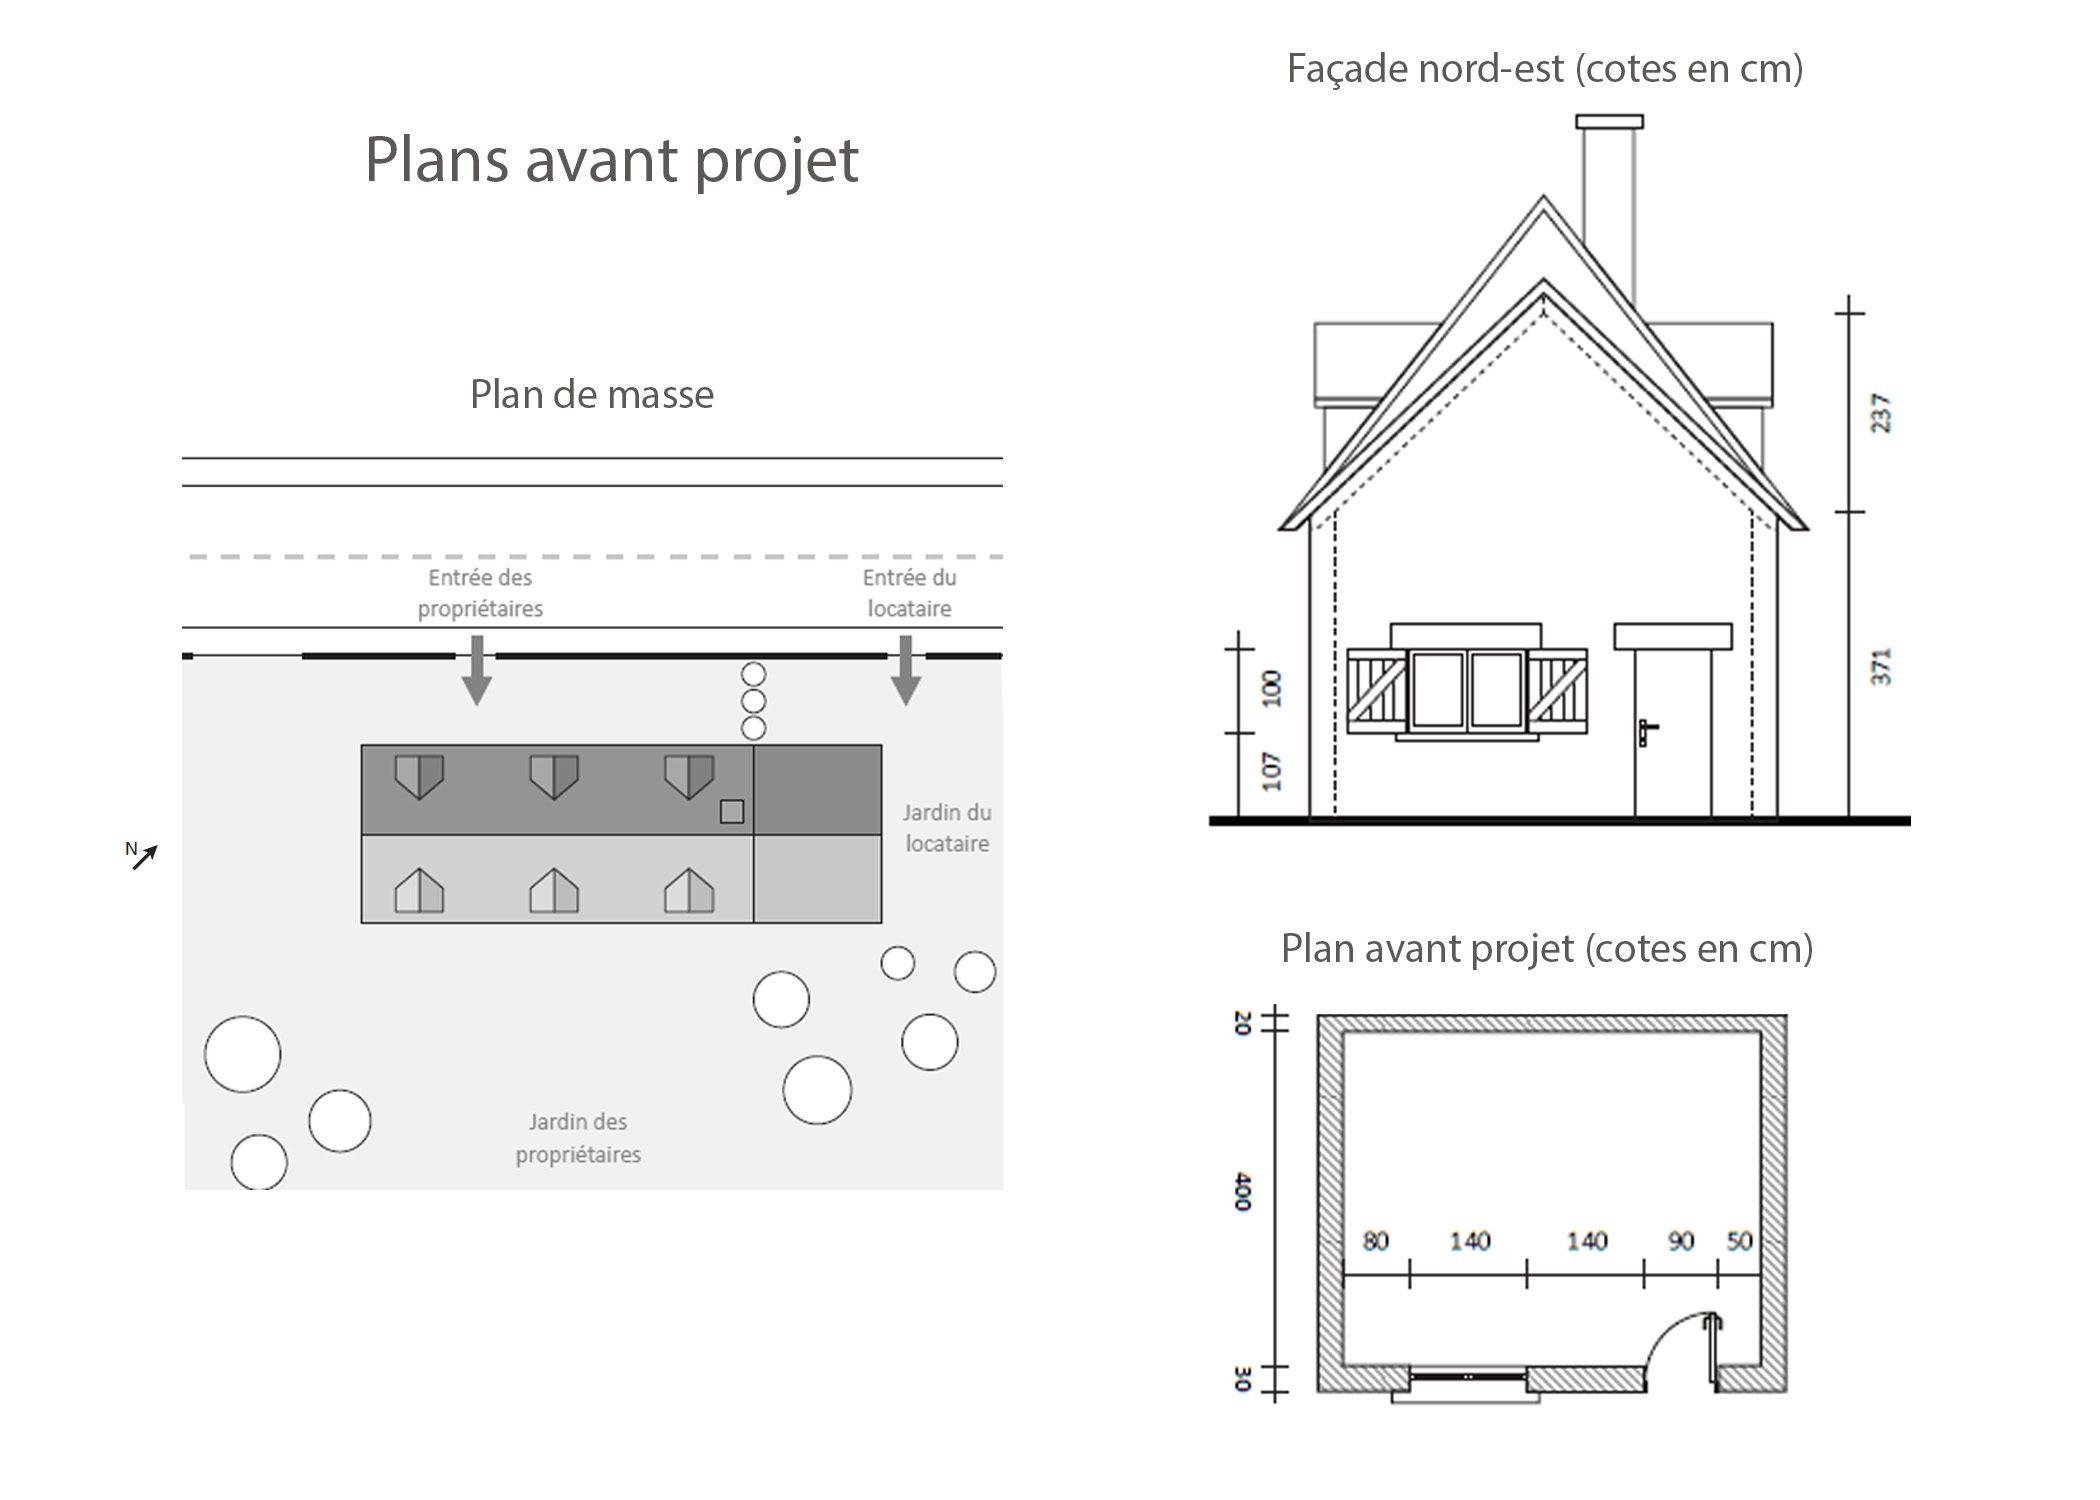 agencement petit espace-plans avant projet-region lyonnaise-dekho design